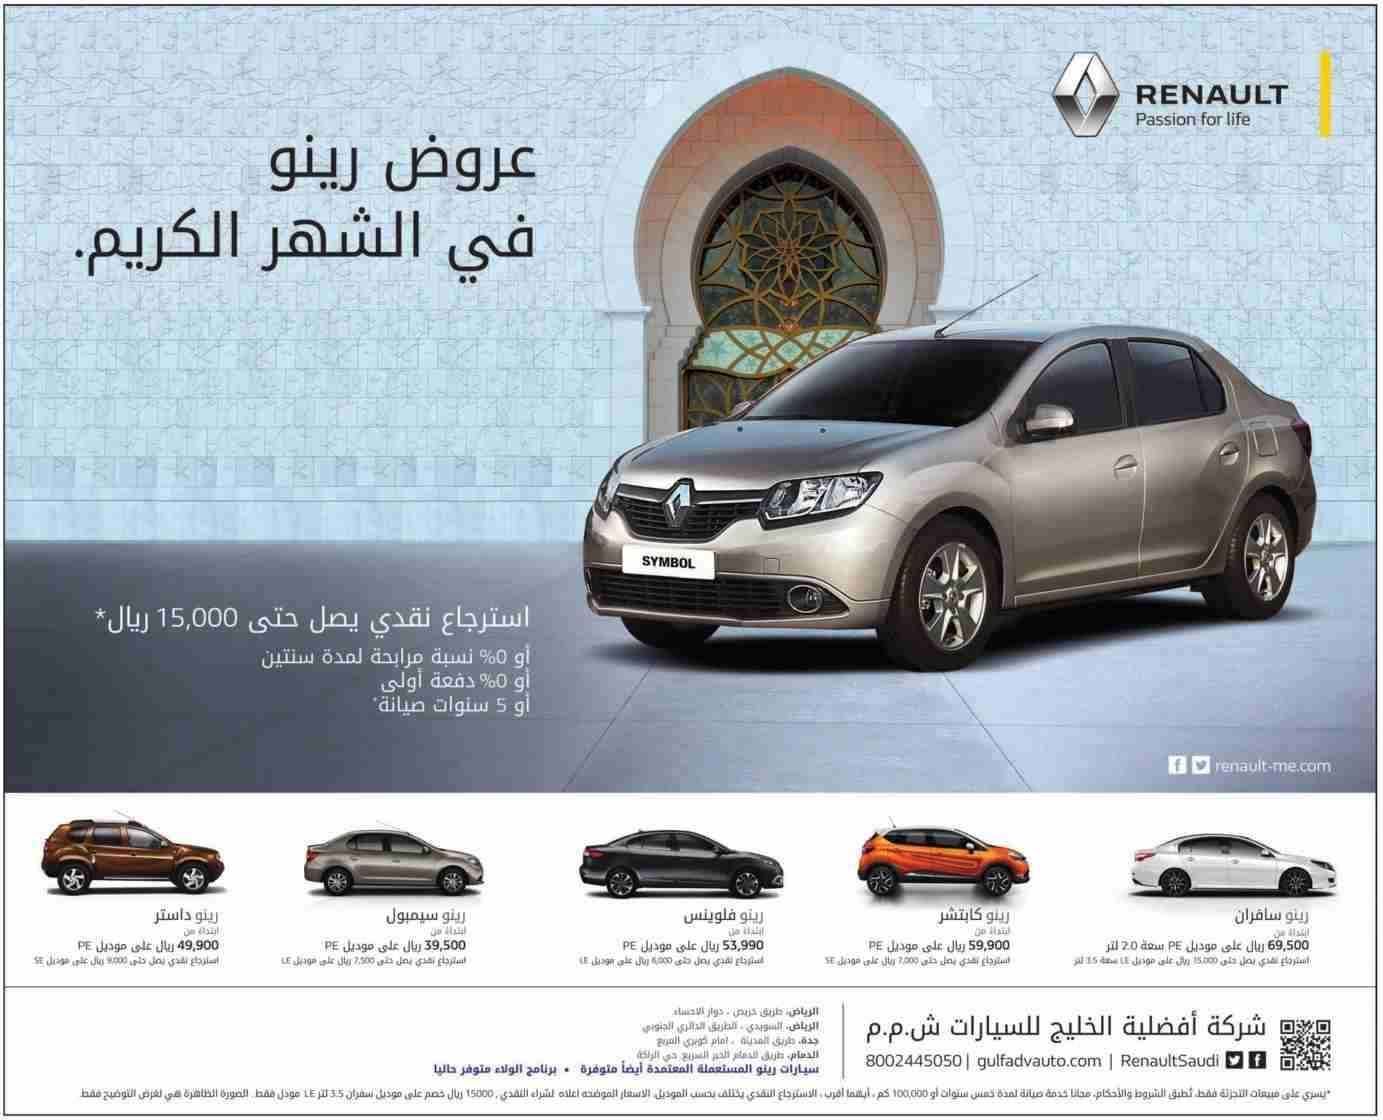 عروض الأفضلية على سيارات رينو في رمضان 2015 المرسال